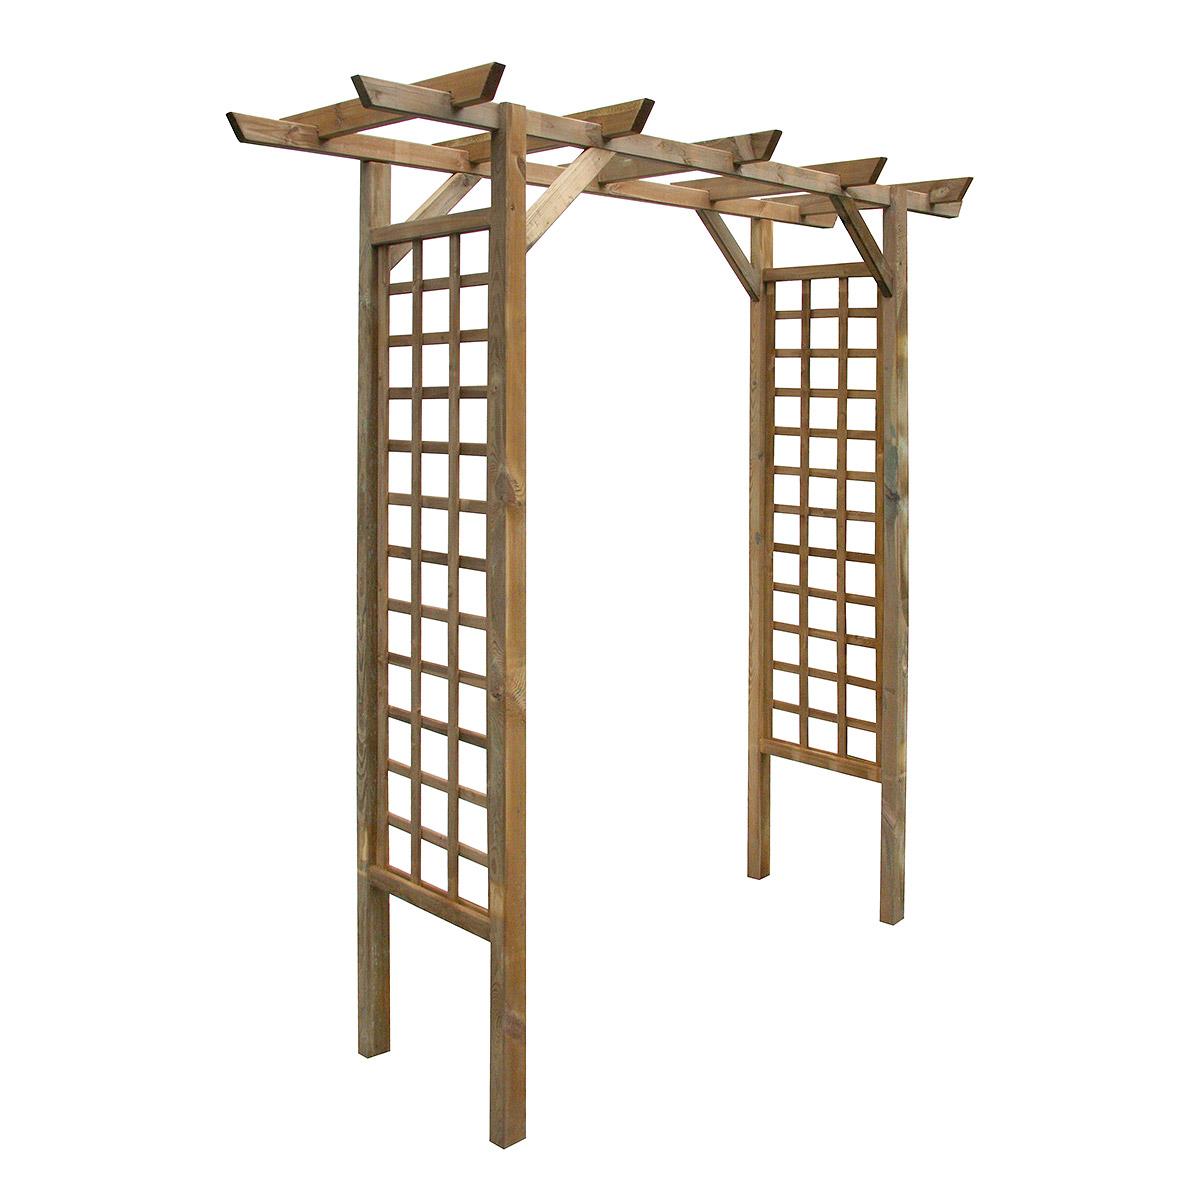 Arche de jardin droite en pin traité